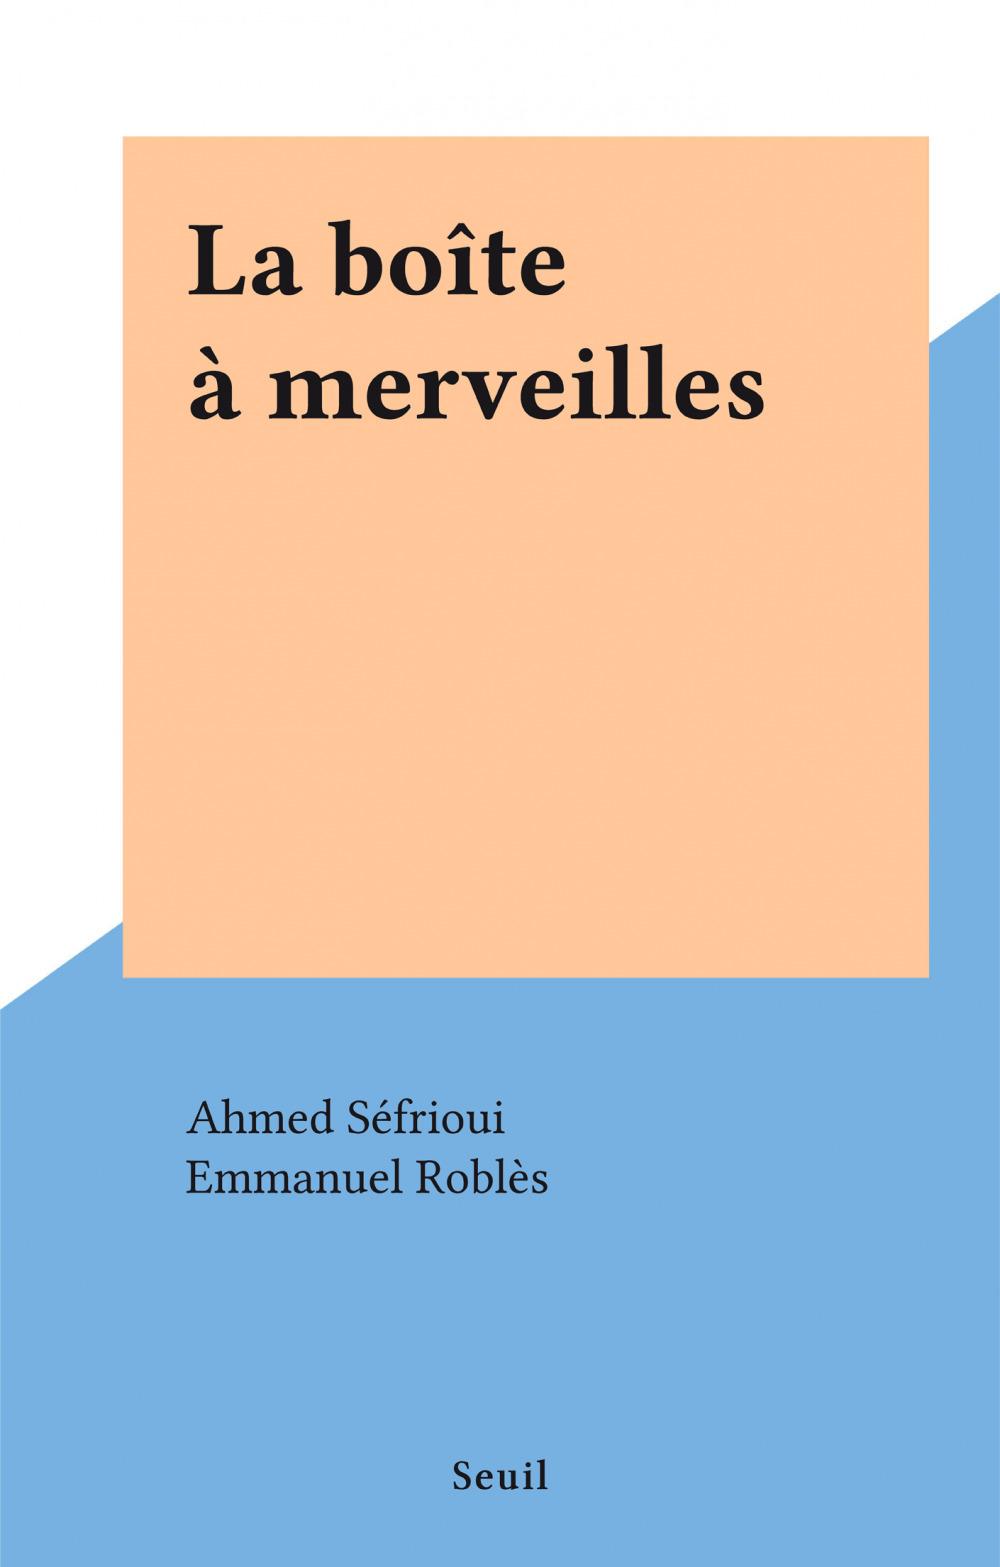 La boîte à merveilles  - Ahmed Sefrioui